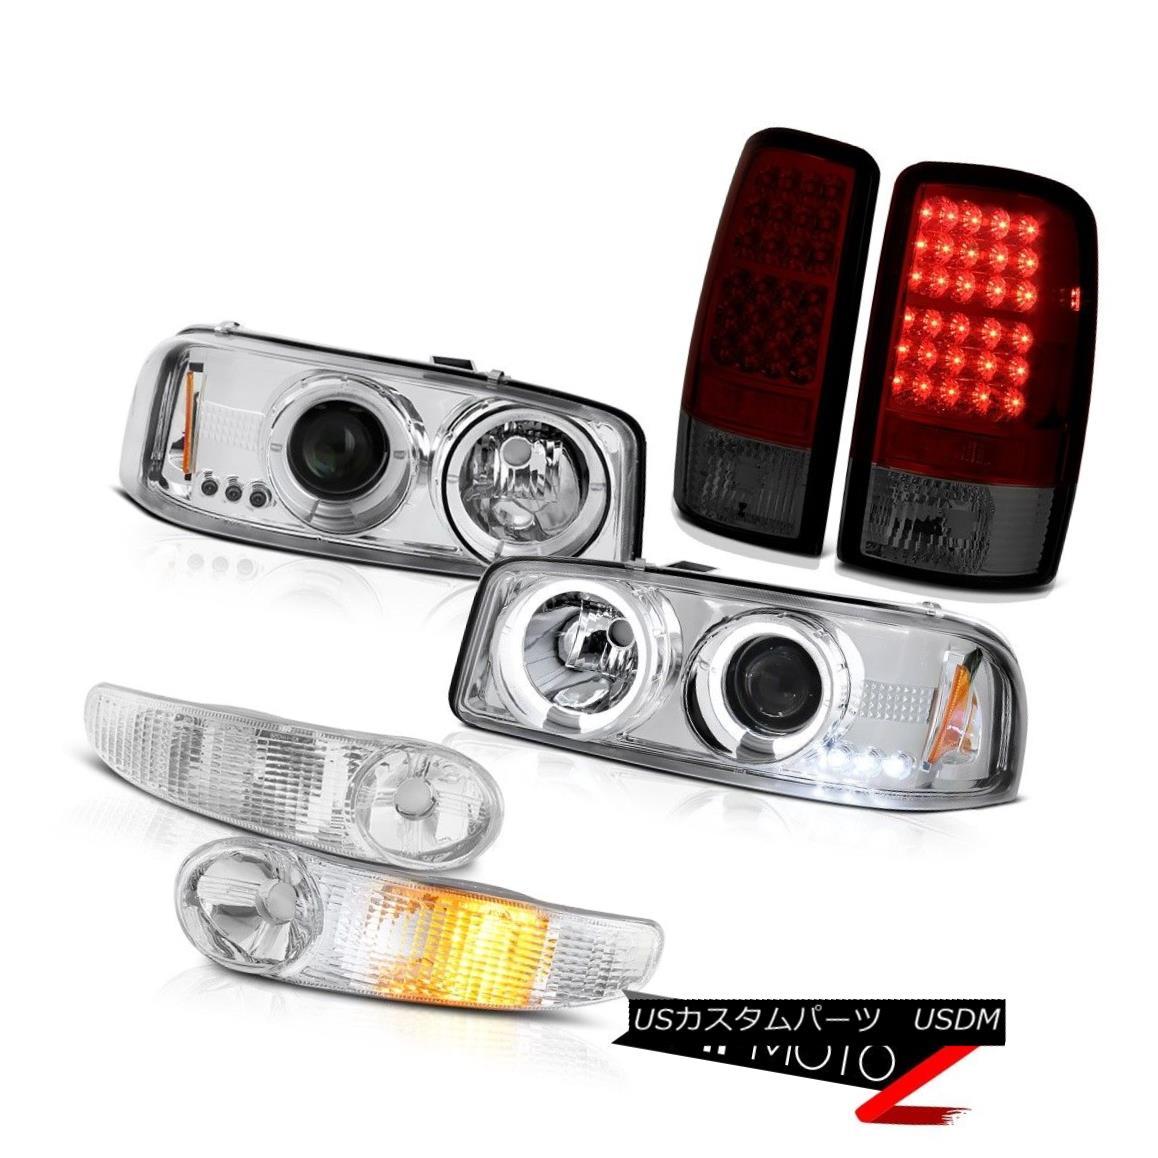 テールライト 00-06 Yukon Chrome Halo LED Bulbs Headlights Euro Signal Bumper Red Tail Lights 00-06ユーコンクロームハローLED電球ヘッドライトユーロ信号バンパーレッドテールライト